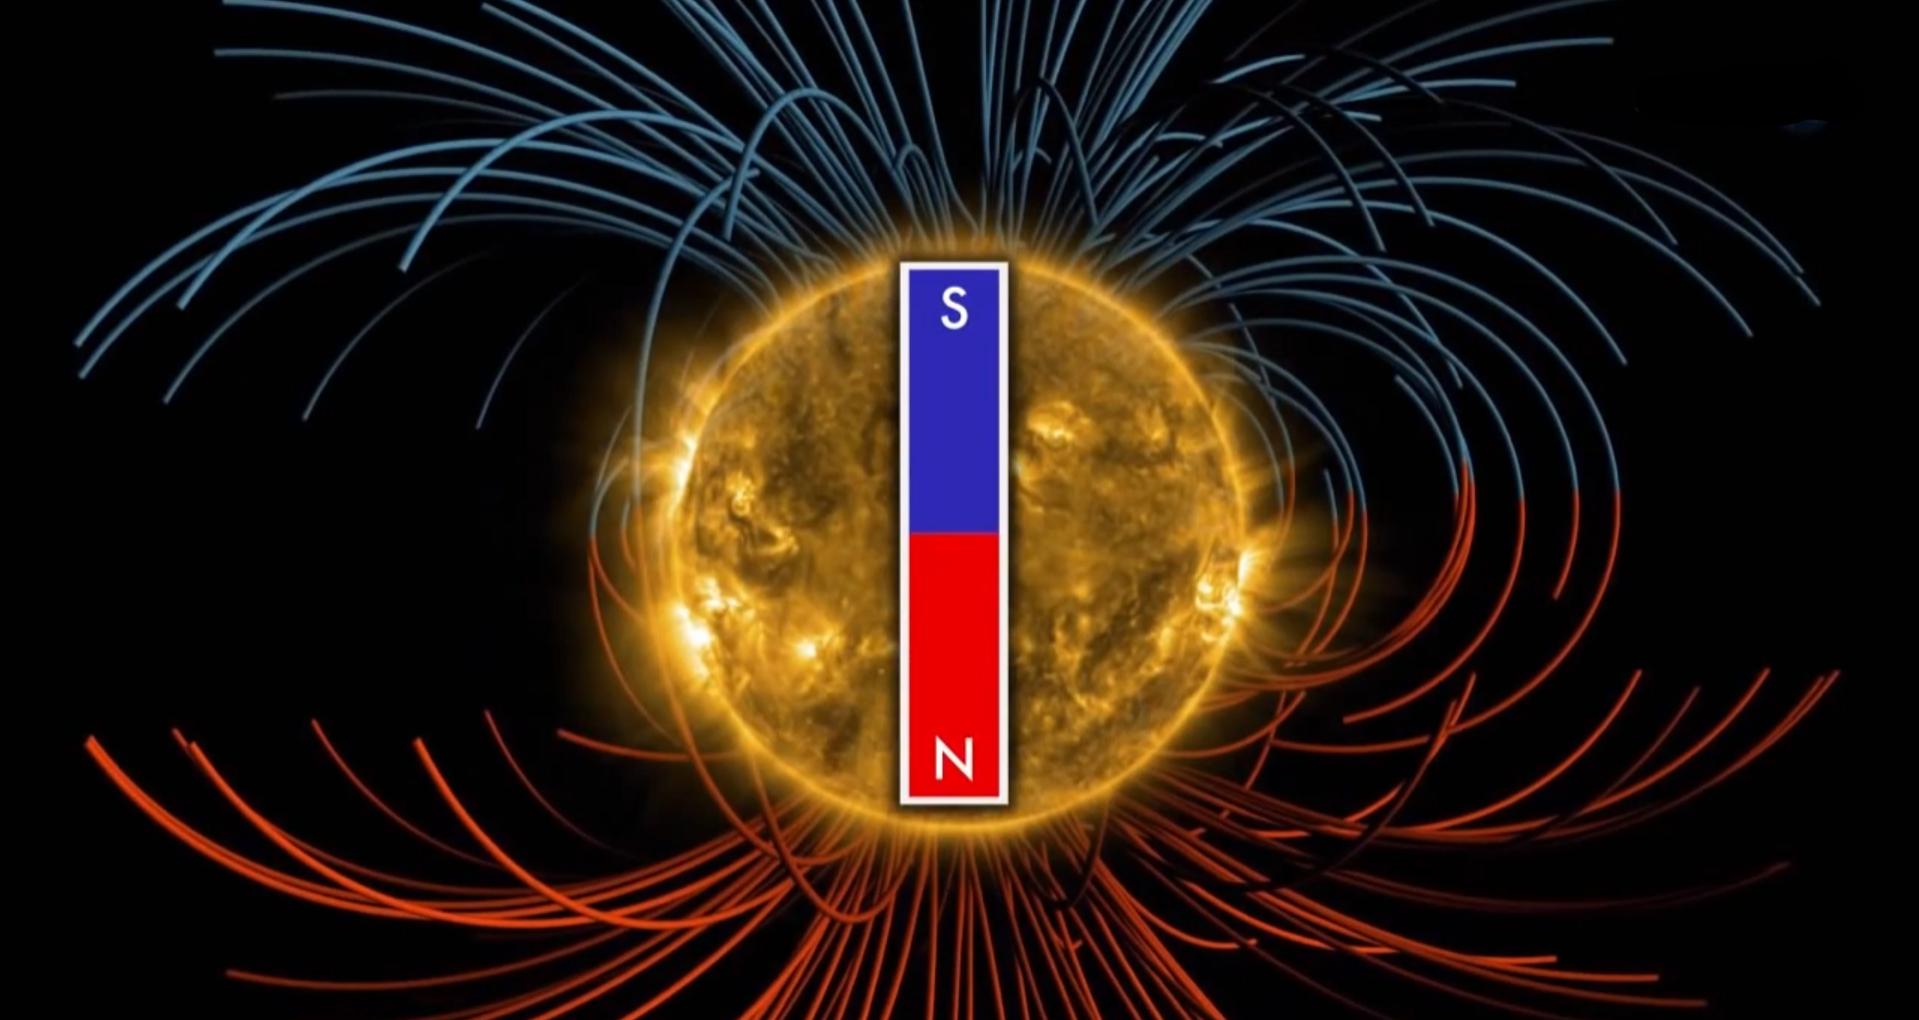 """Résultat de recherche d'images pour """"magnetic field"""""""